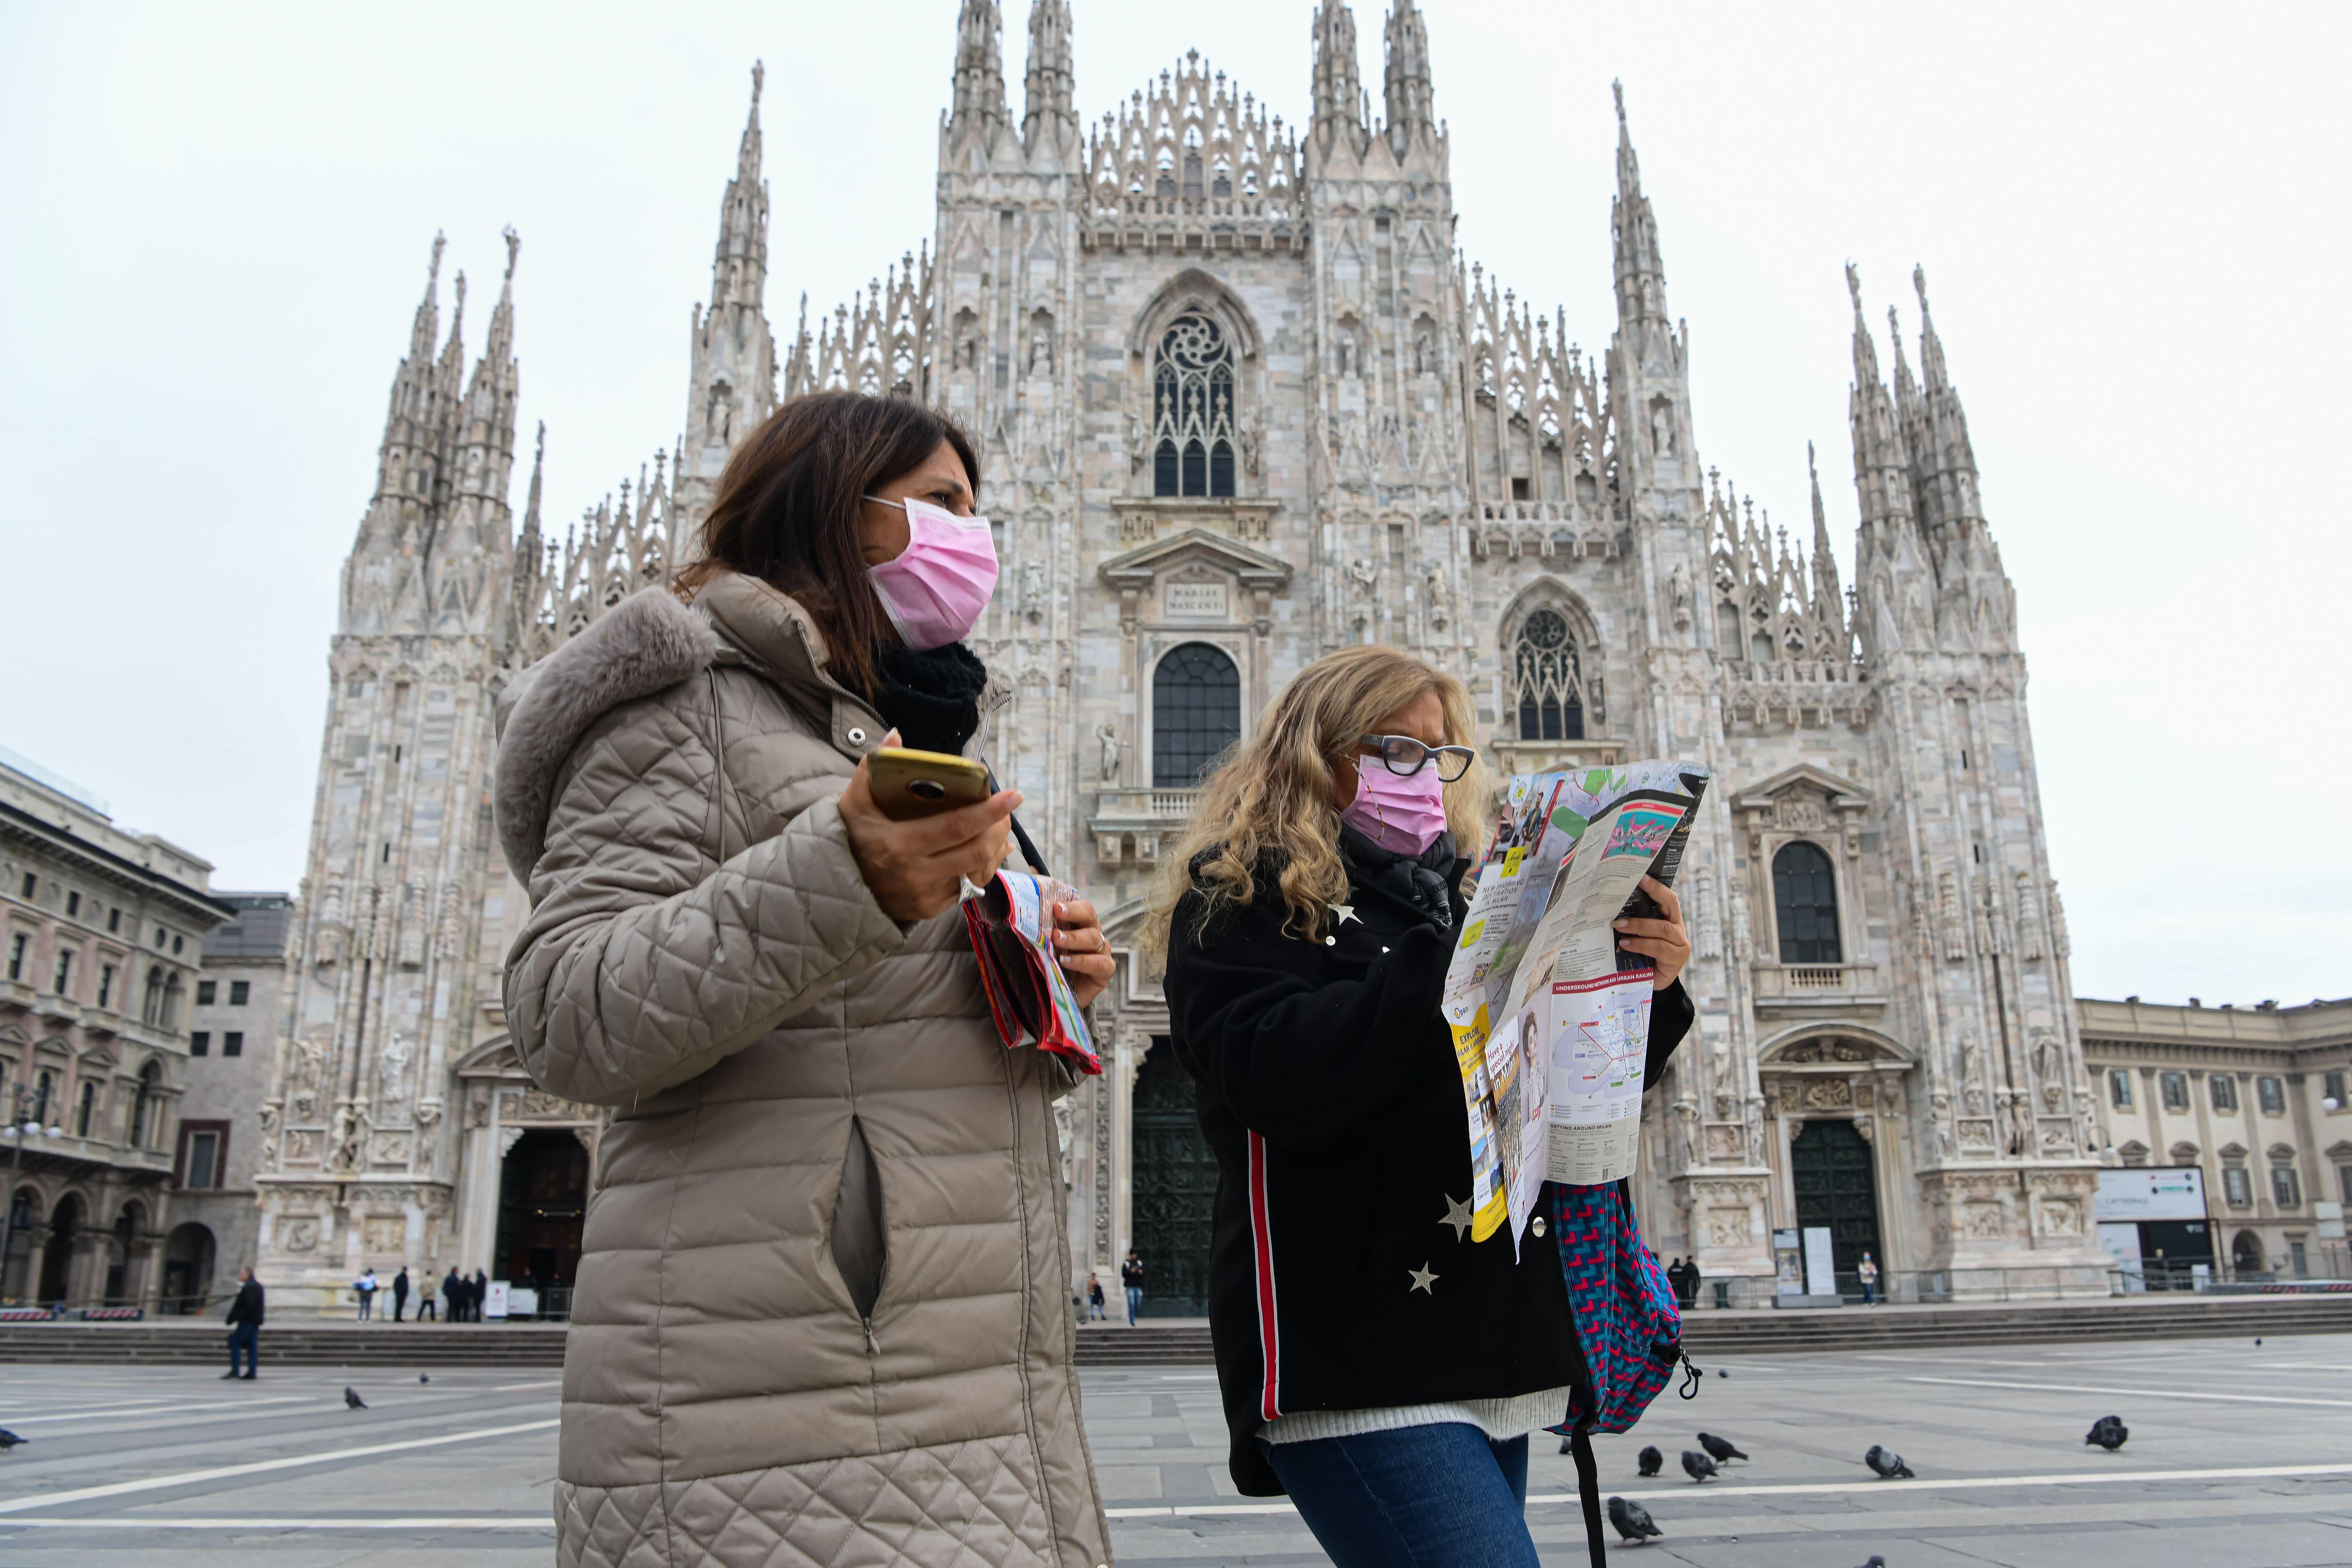 İtalya'da son 24 saatte korona virüs nedeniyle 477 kişi hayatını kaybetti